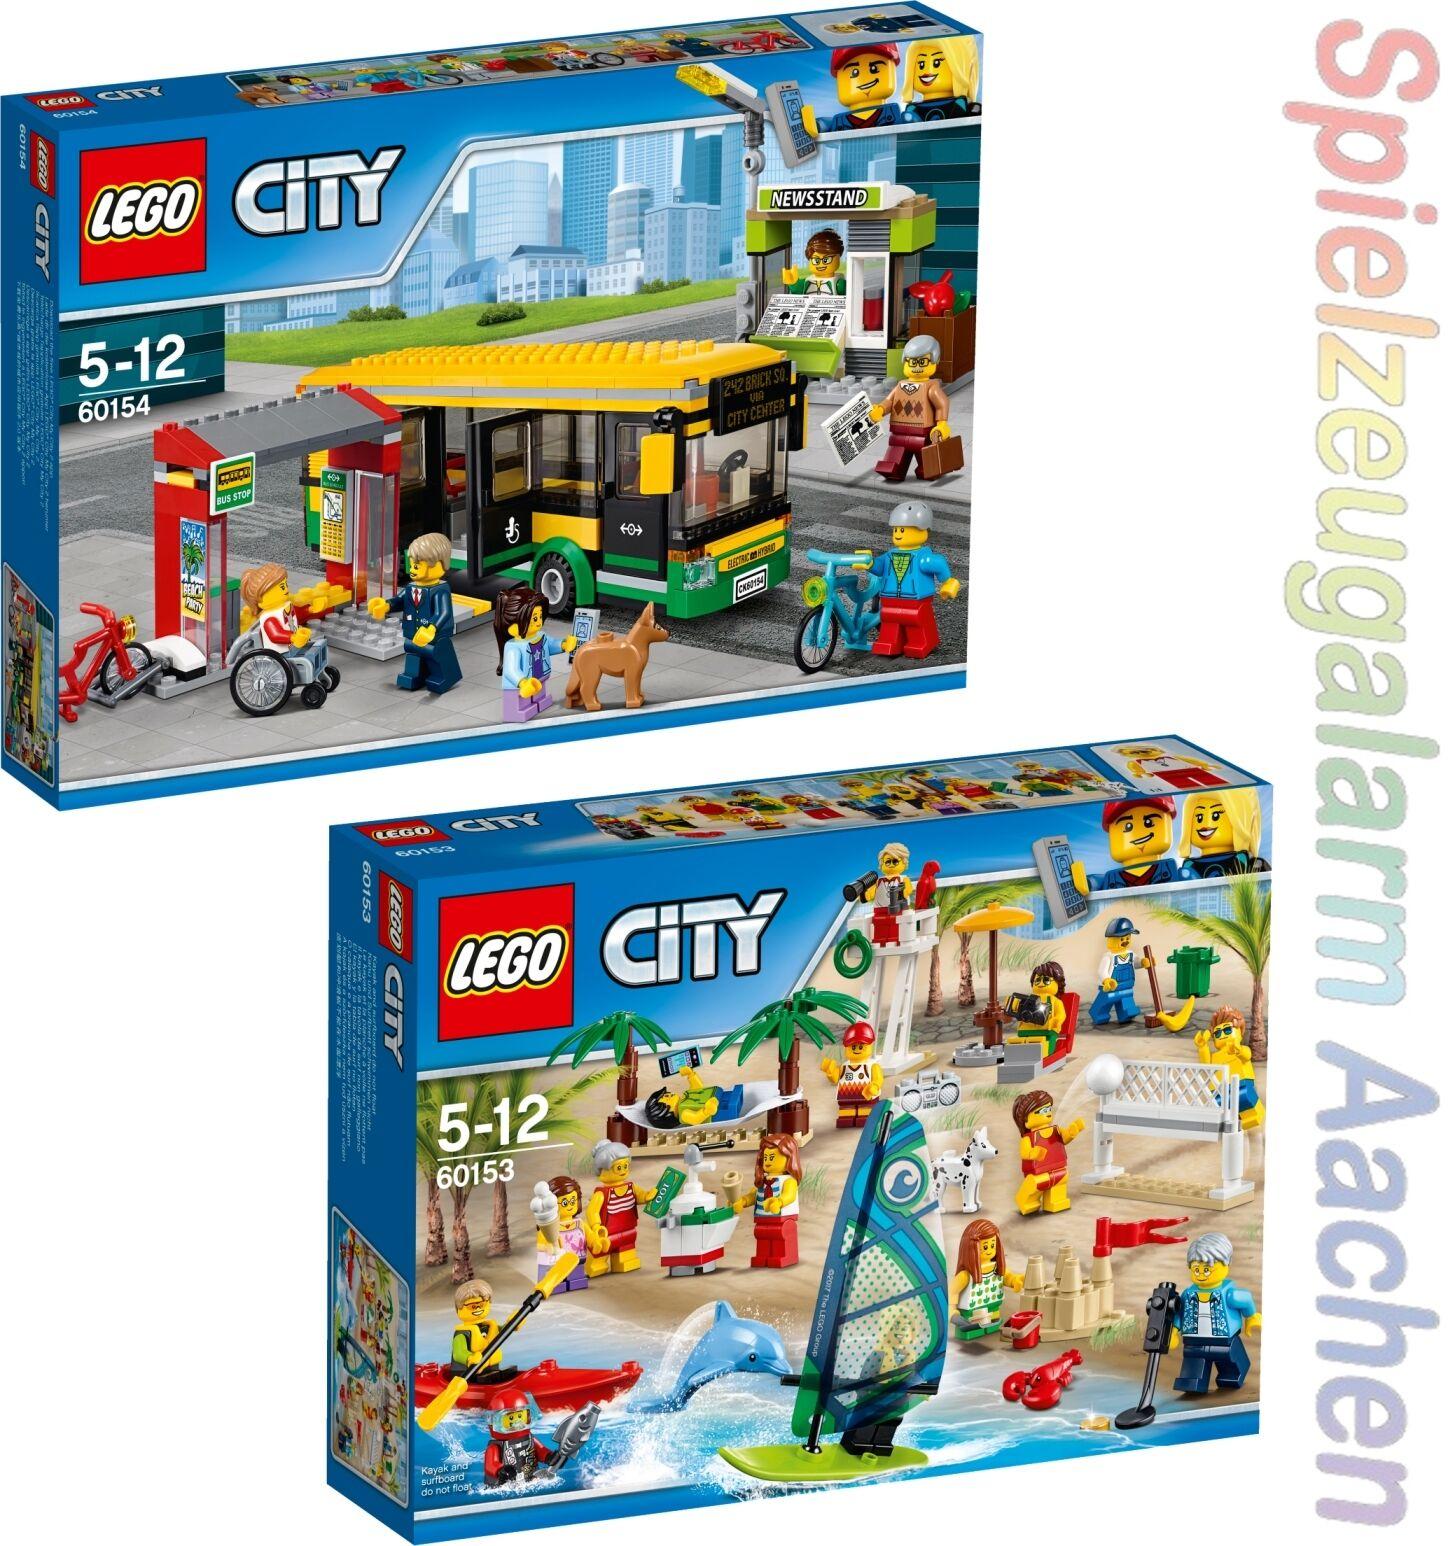 Lego 60153 60154 City Plage personnes  gare routière Bus Station  Beach ïn n7 17